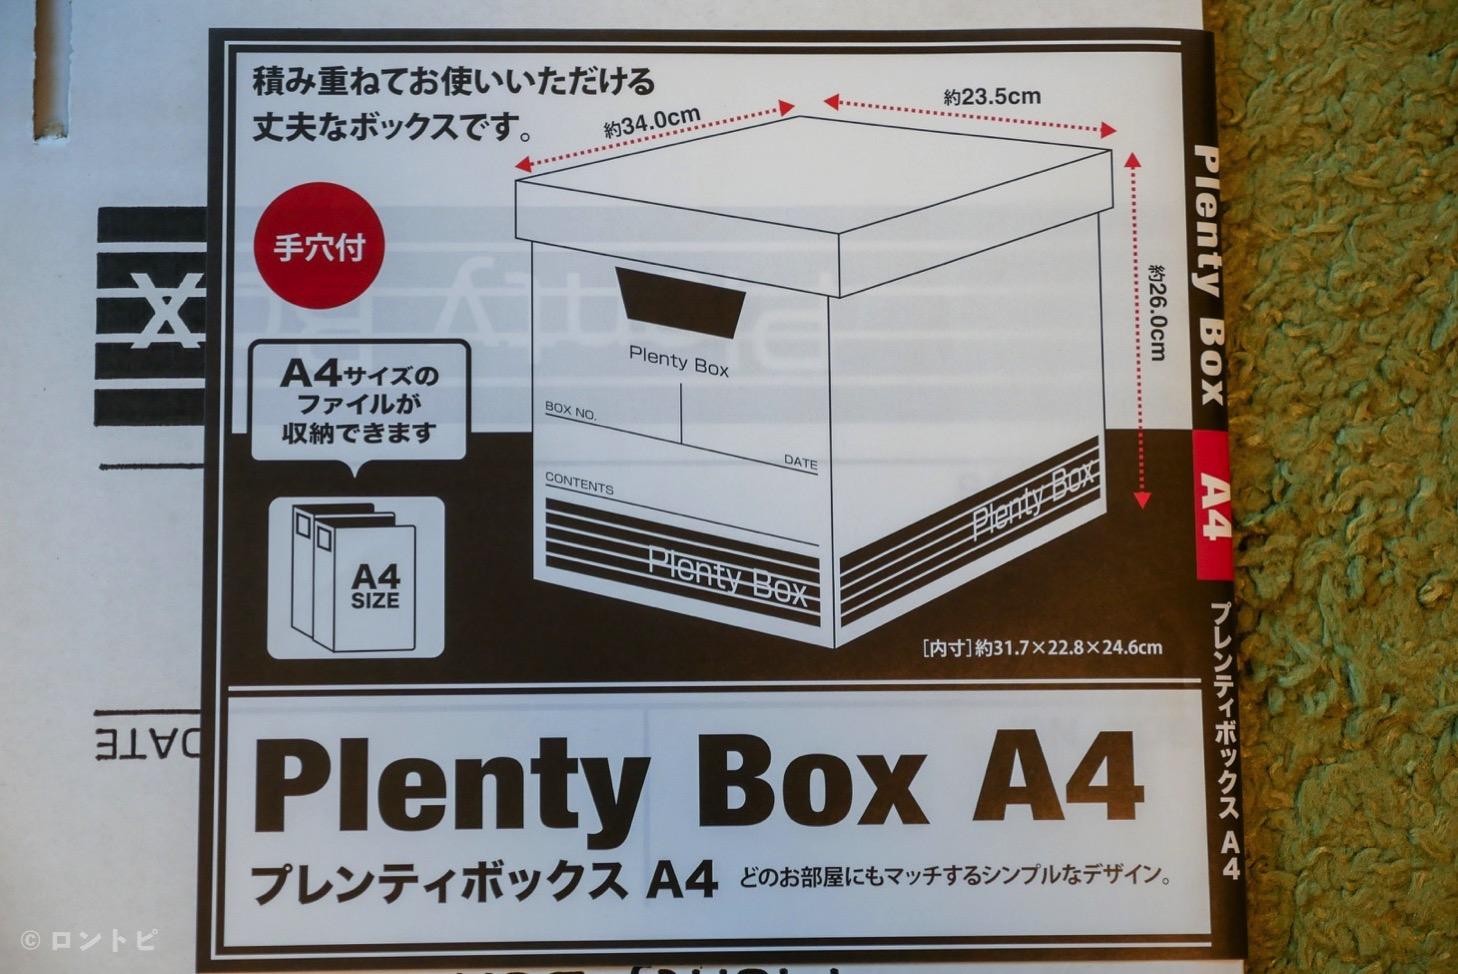 プレンティボックス A4